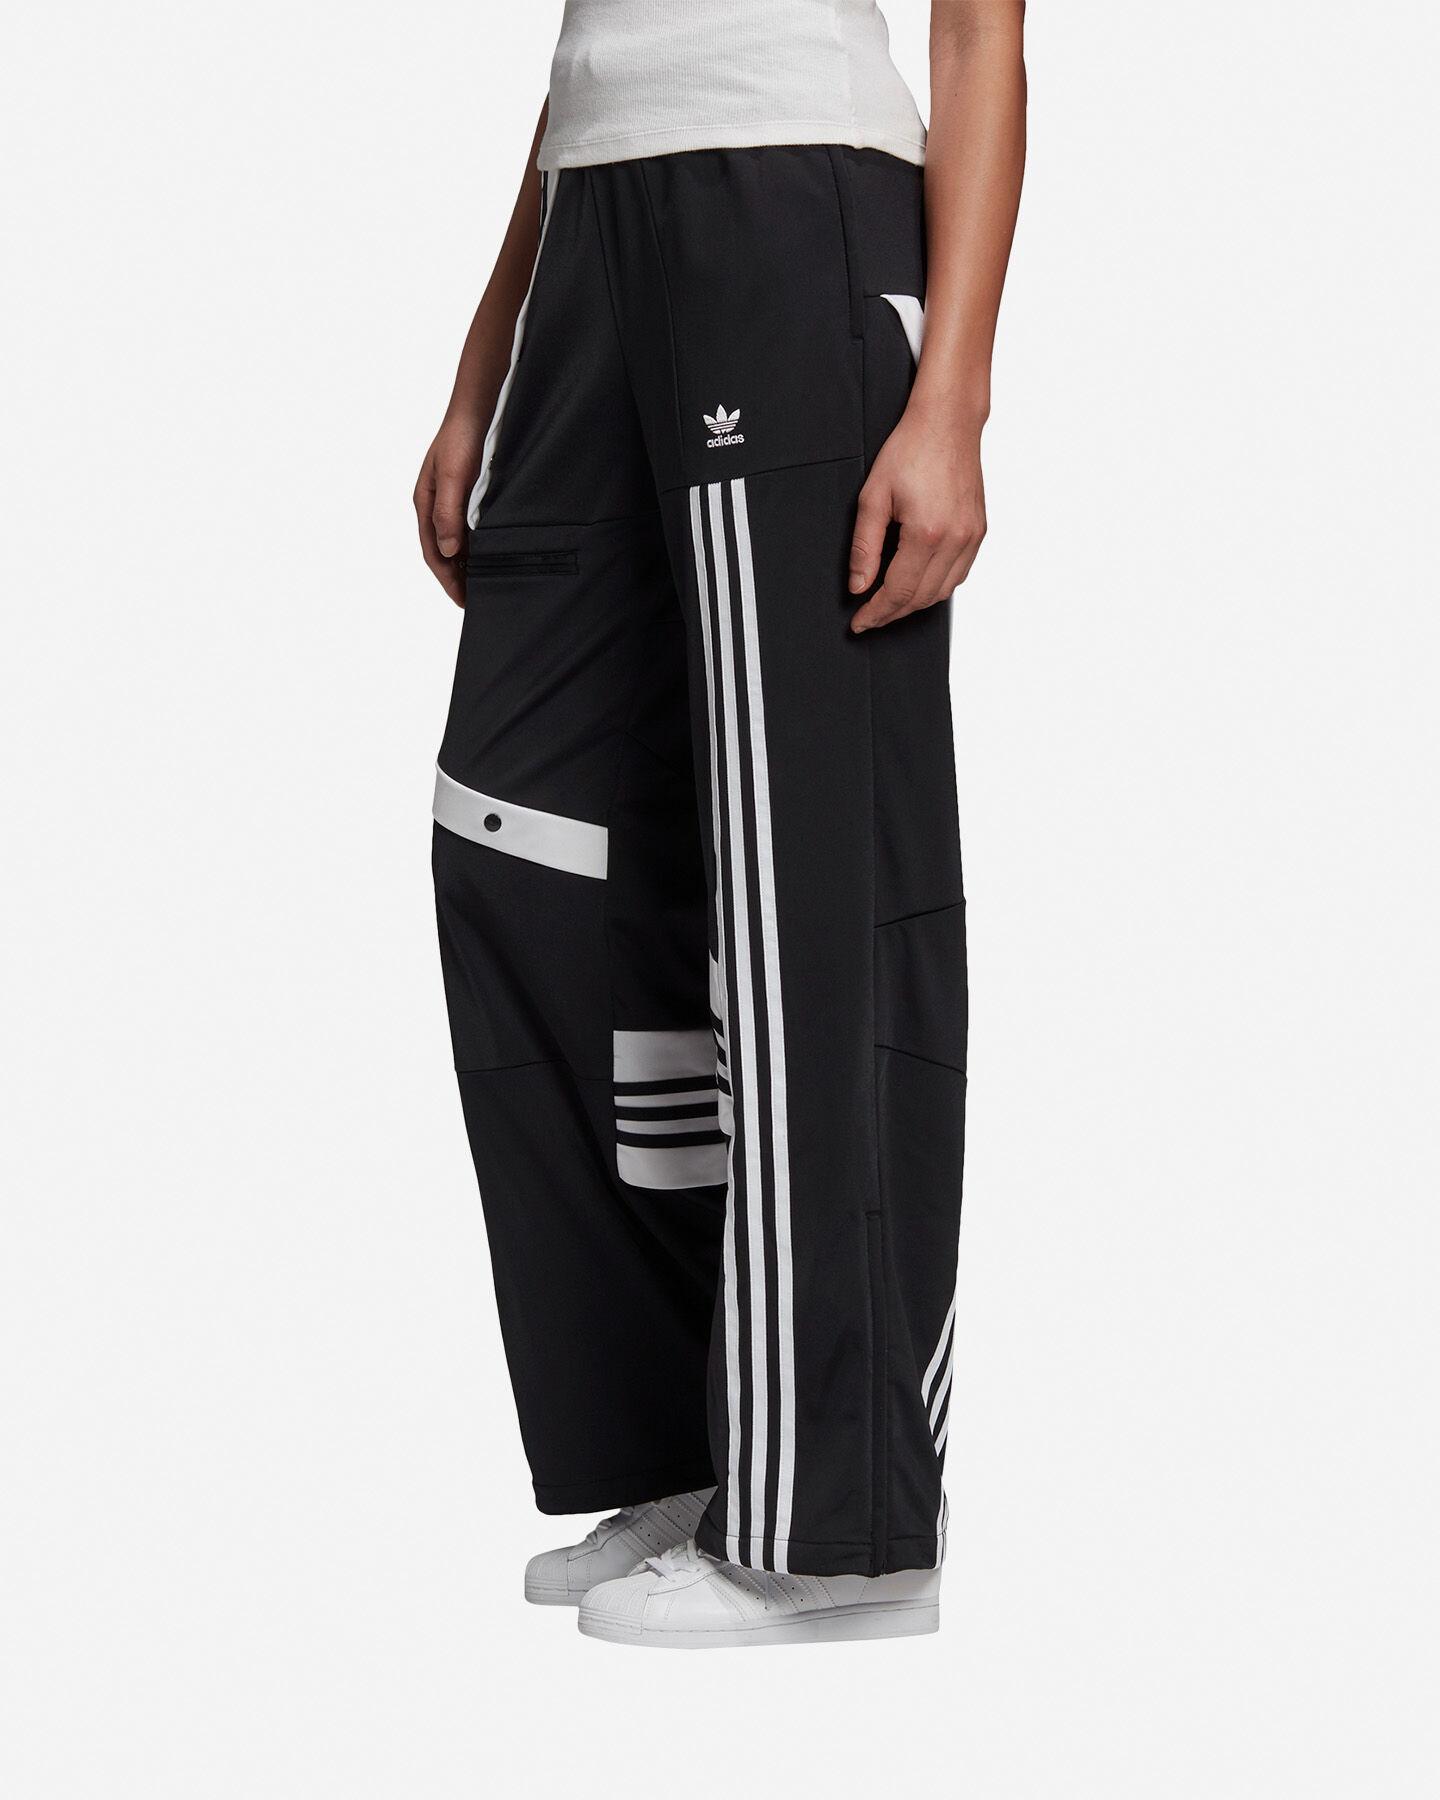 Pantalone ADIDAS ORIGINALS DANIELLE CATHARI TRACK W S5210233 scatto 3